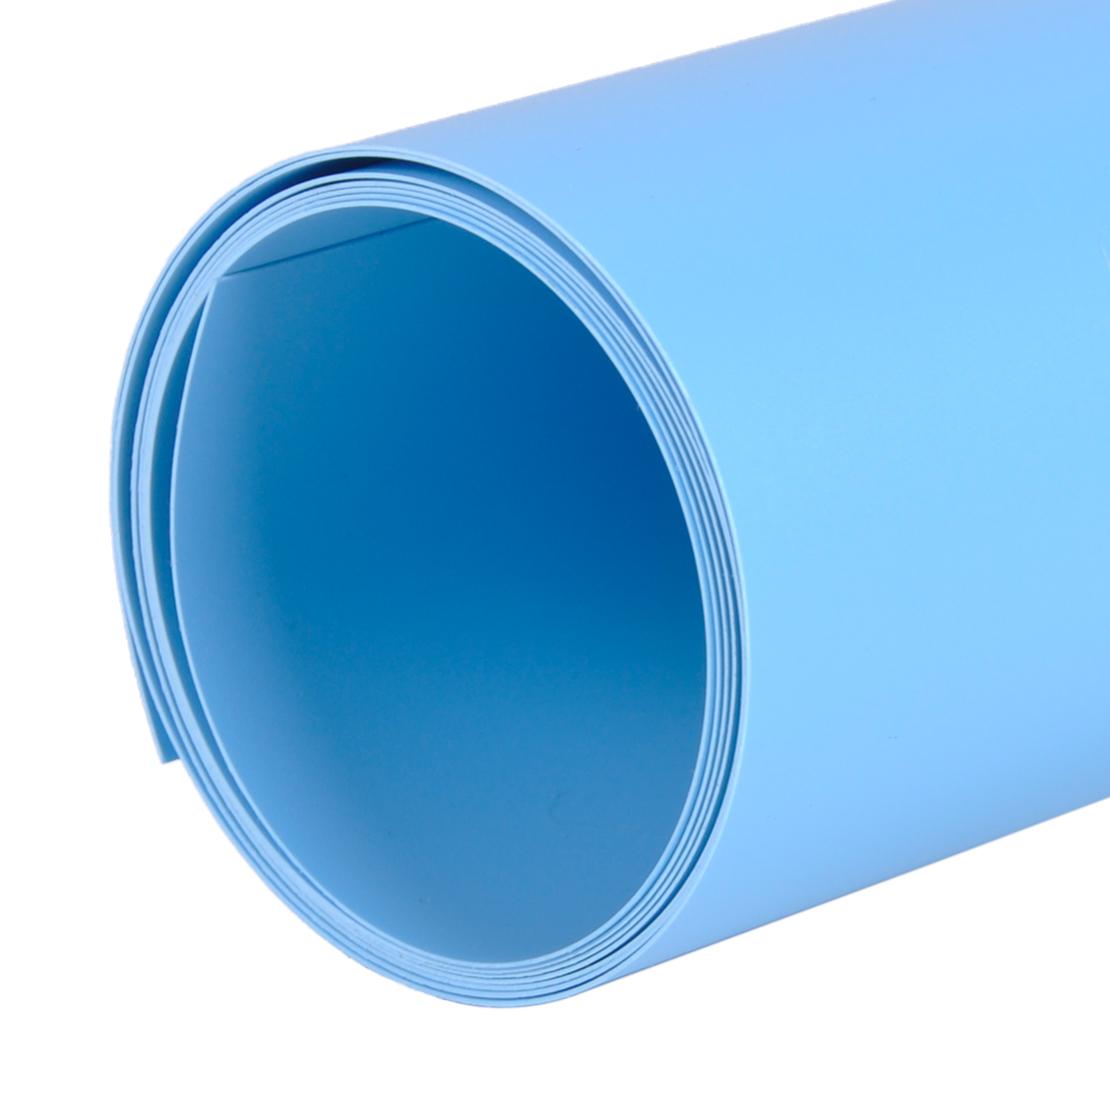 Image result for pvc blue backdrop